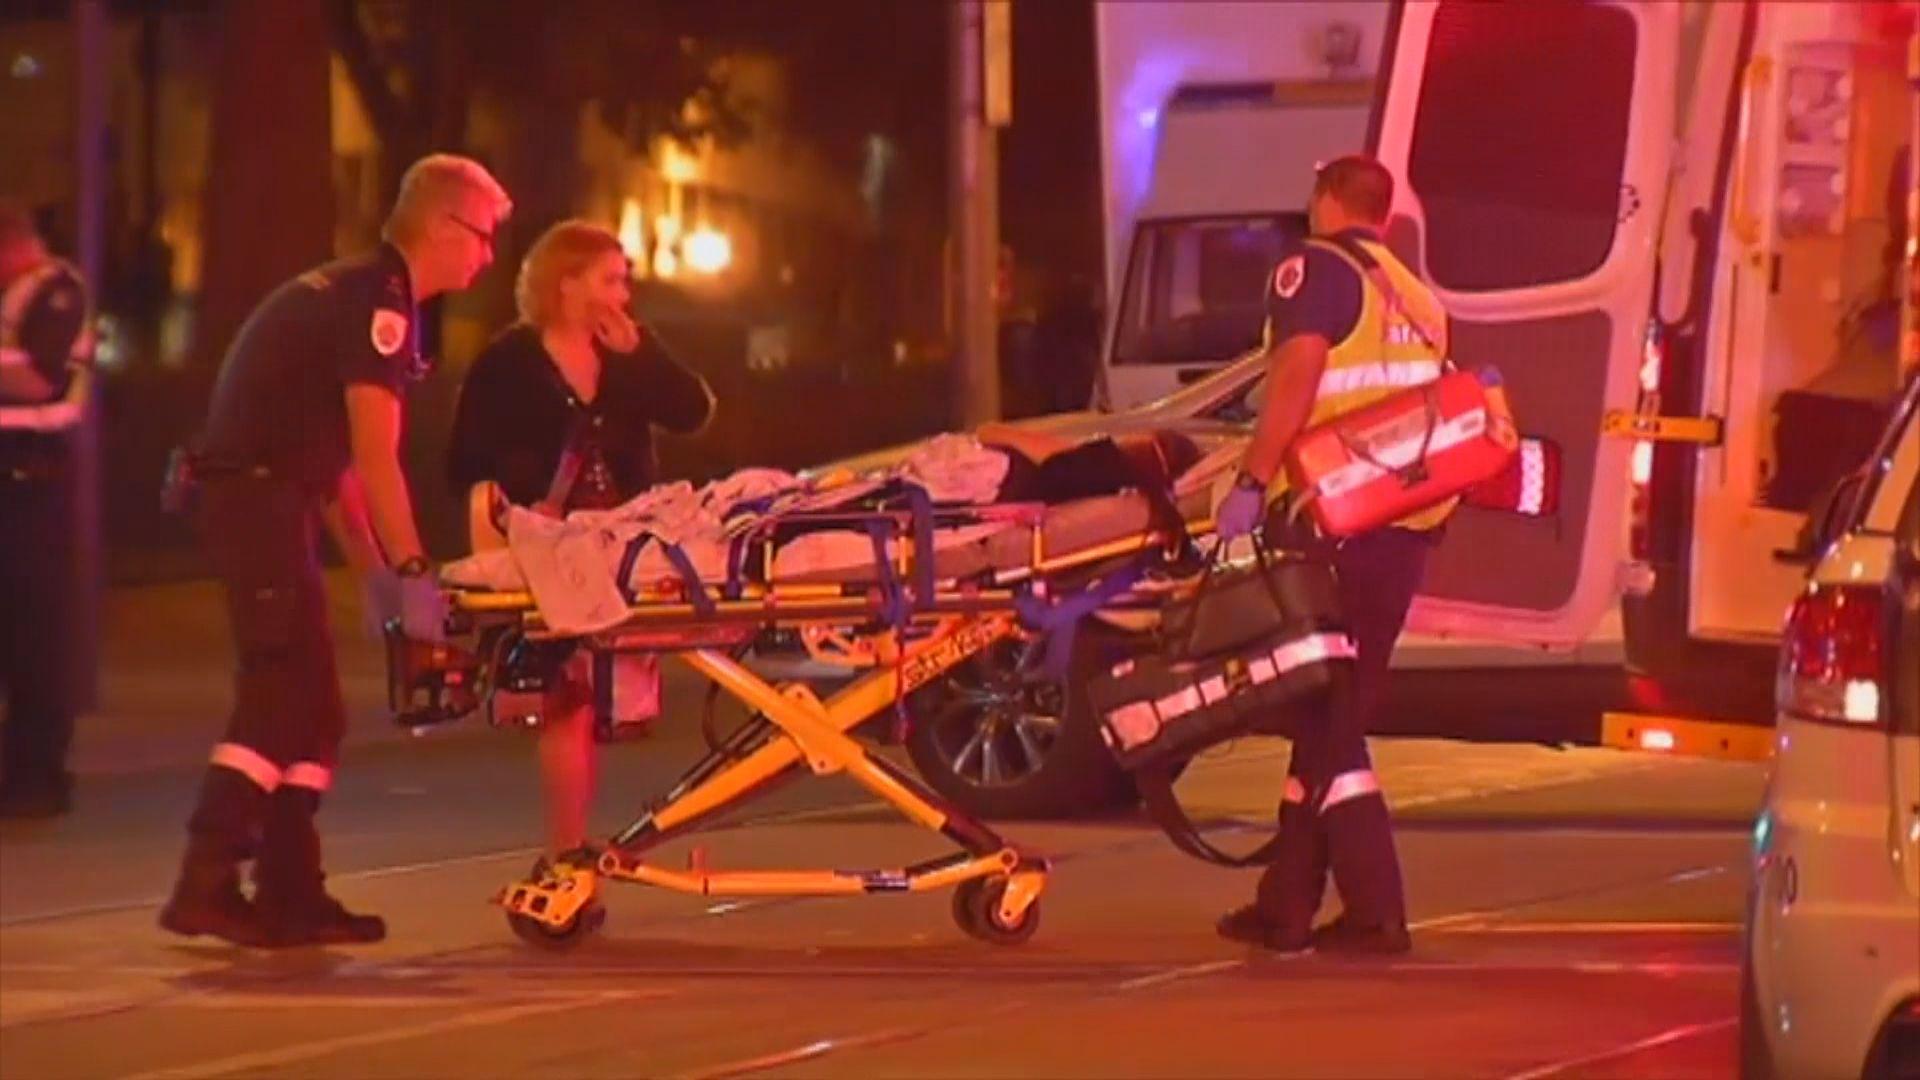 澳洲墨爾本夜總會遭槍擊釀一死三傷